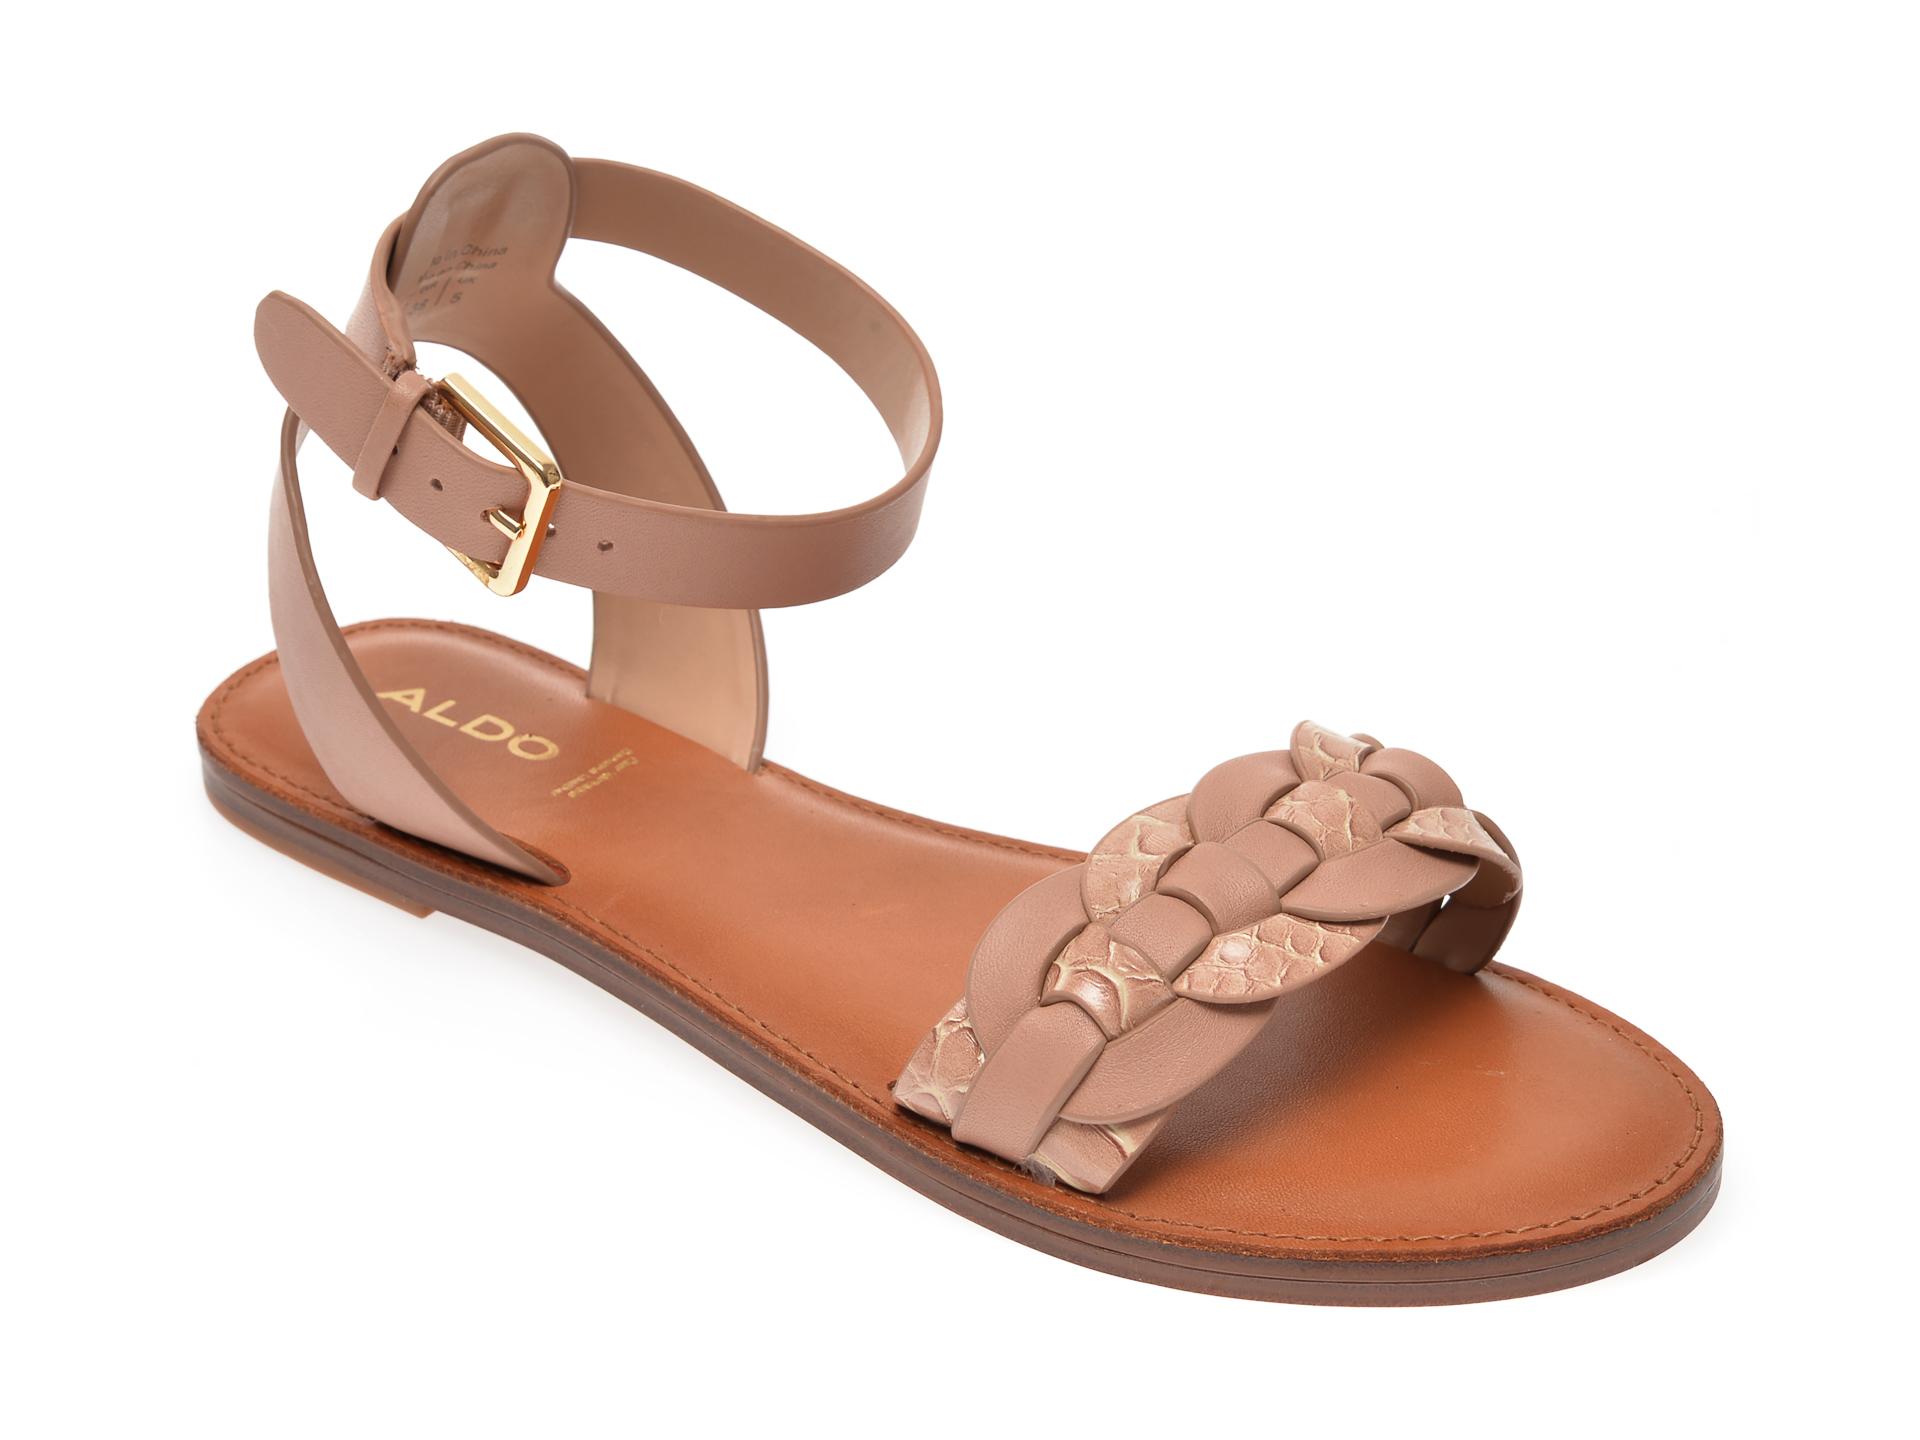 Sandale ALDO nude, Ligaria270, din piele ecologica imagine